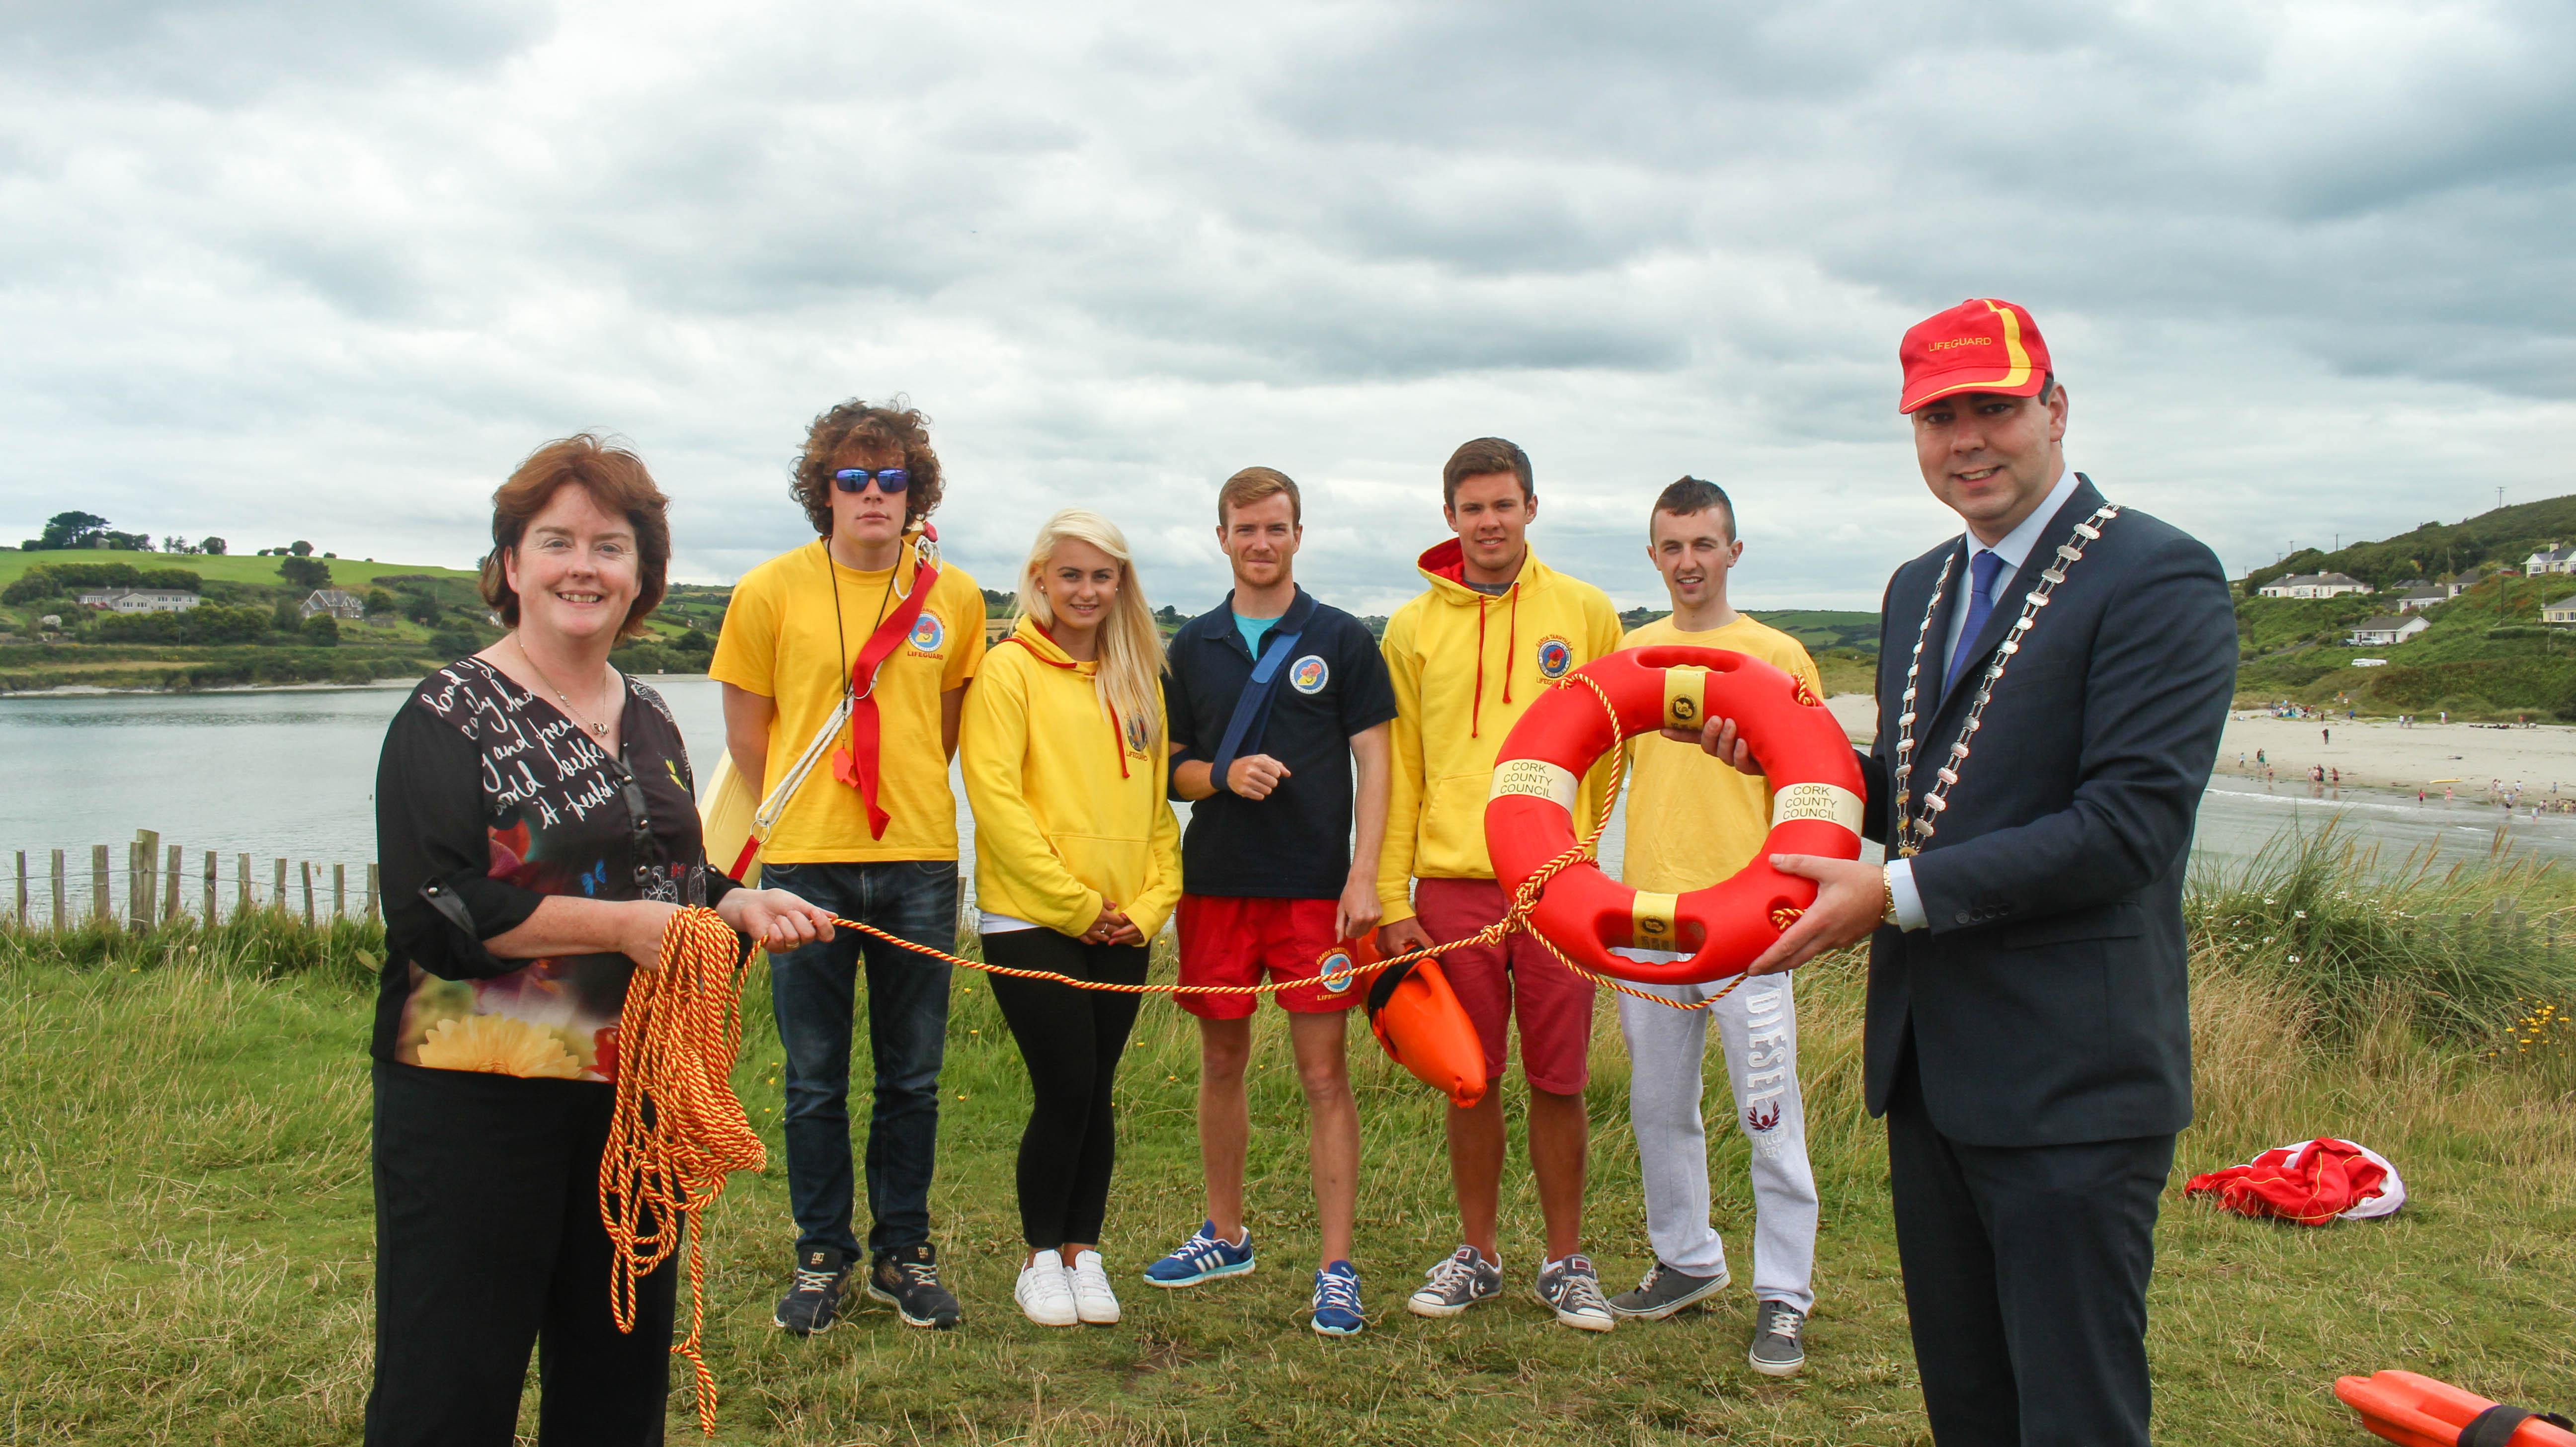 Beach Lifeguards